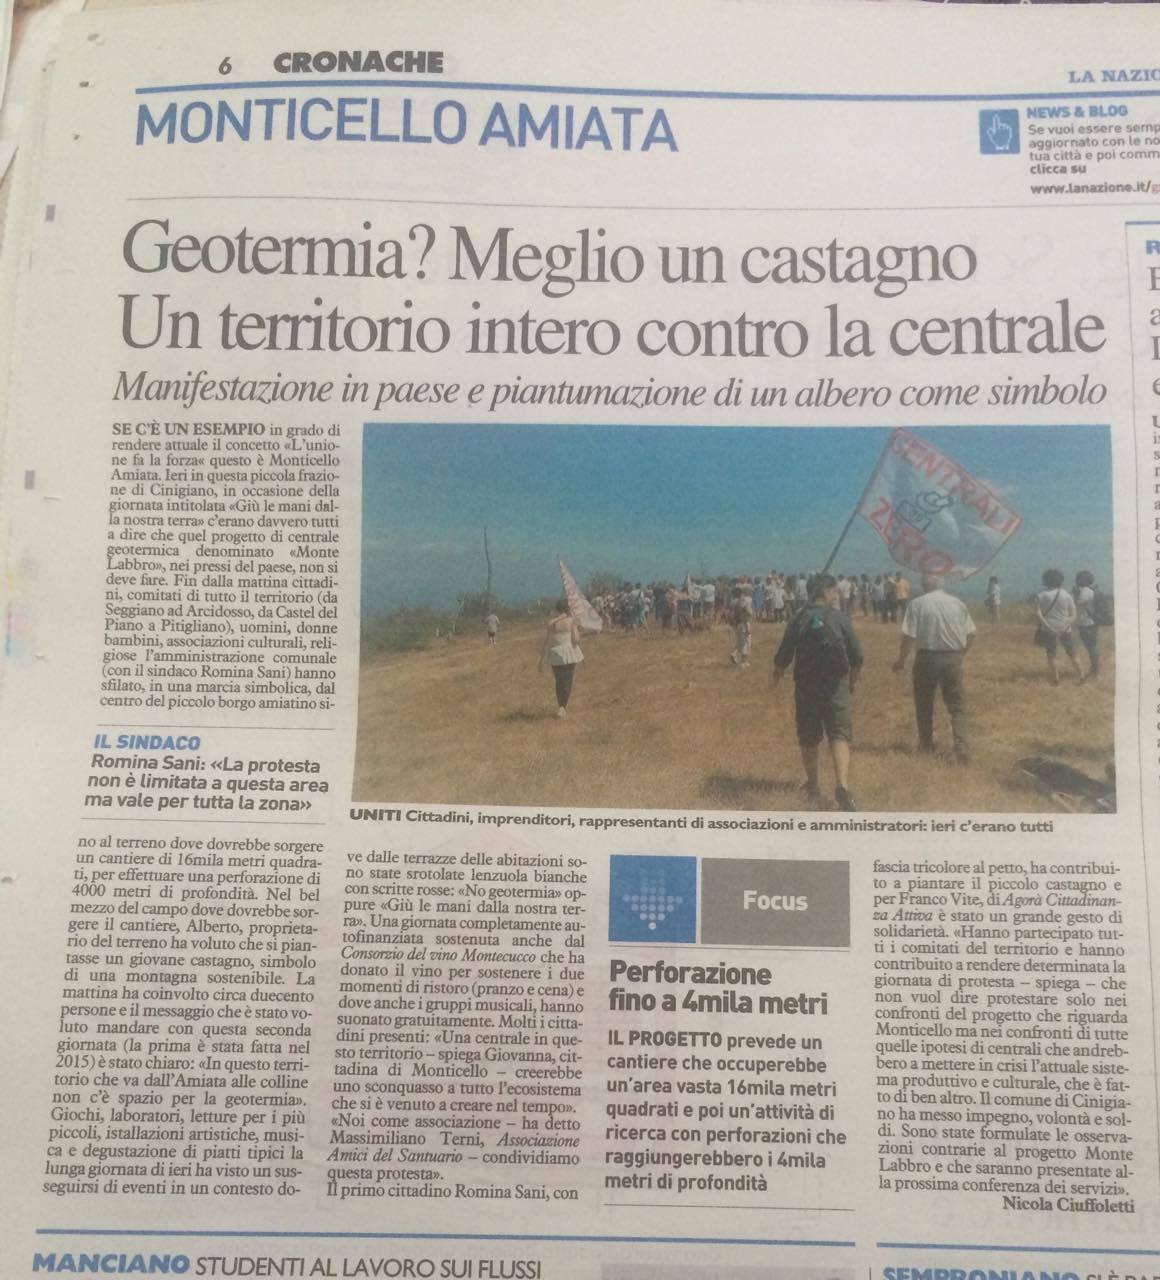 L'articolo di Nicola Ciuffoletti su La Nazione del 4 luglio